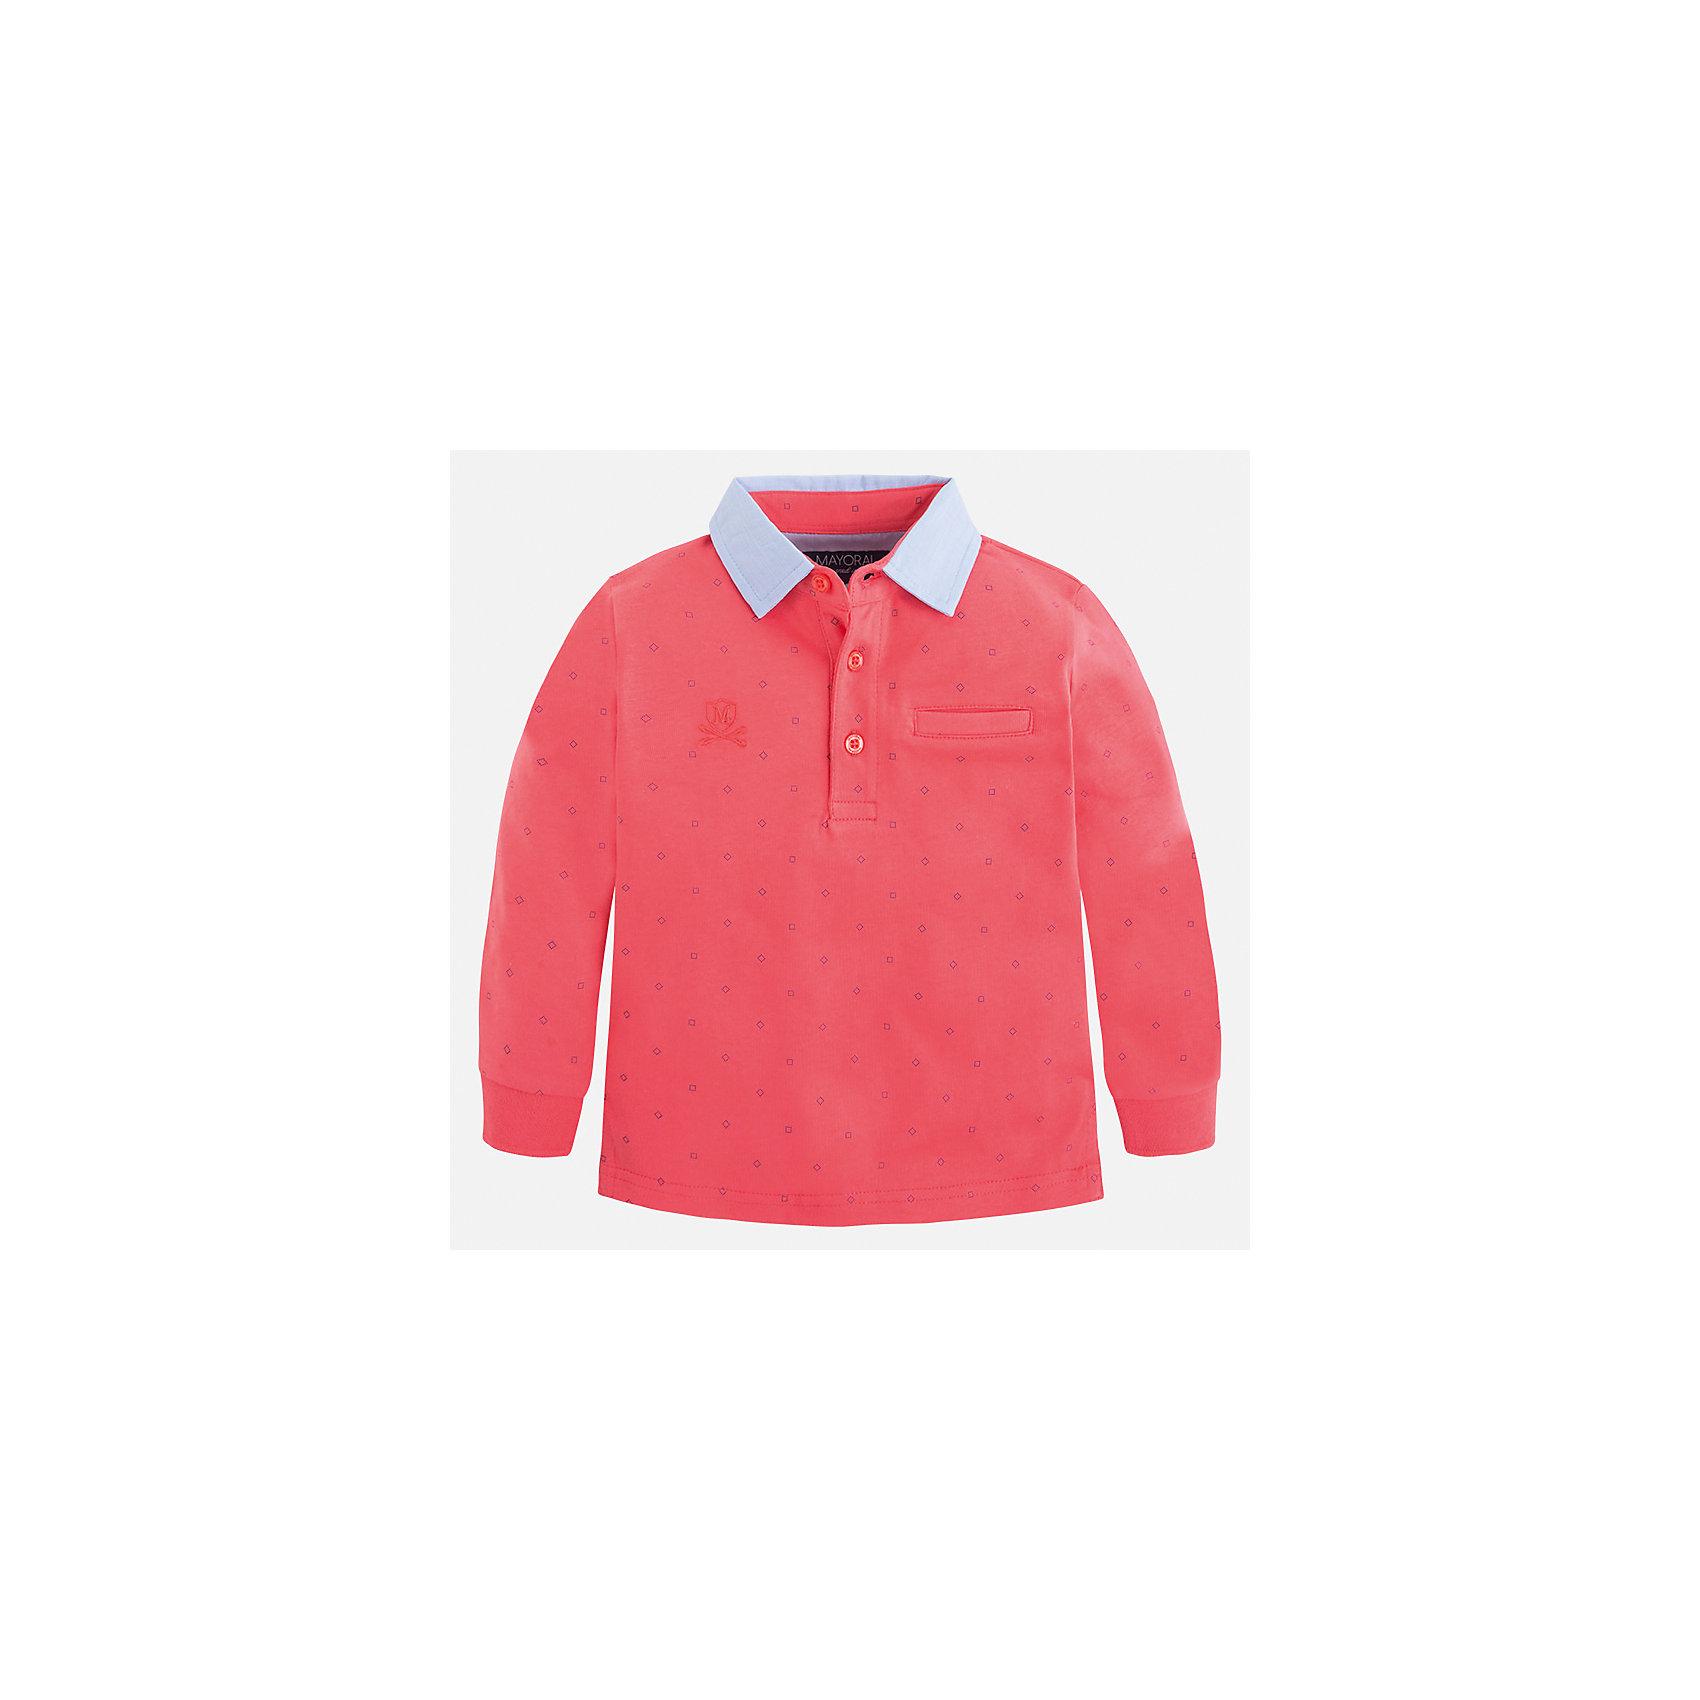 Рубашка-поло для мальчика MayoralХарактеристики товара:<br><br>• цвет: розовый<br>• состав: 100% хлопок<br>• отложной воротник<br>• длинные рукава<br>• застежка: пуговицы<br>• декорирована принтом<br>• страна бренда: Испания<br><br>Стильная рубашка-поло для мальчика может стать базовой вещью в гардеробе ребенка. Она отлично сочетается с брюками, шортами, джинсами и т.д. Универсальный крой и цвет позволяет подобрать к вещи низ разных расцветок. Практичное и стильное изделие! В составе материала - только натуральный хлопок, гипоаллергенный, приятный на ощупь, дышащий.<br><br>Одежда, обувь и аксессуары от испанского бренда Mayoral полюбились детям и взрослым по всему миру. Модели этой марки - стильные и удобные. Для их производства используются только безопасные, качественные материалы и фурнитура. Порадуйте ребенка модными и красивыми вещами от Mayoral! <br><br>Рубашку-поло для мальчика от испанского бренда Mayoral (Майорал) можно купить в нашем интернет-магазине.<br><br>Ширина мм: 230<br>Глубина мм: 40<br>Высота мм: 220<br>Вес г: 250<br>Цвет: розовый<br>Возраст от месяцев: 48<br>Возраст до месяцев: 60<br>Пол: Мужской<br>Возраст: Детский<br>Размер: 110,92,104,98,134,128,122,116<br>SKU: 5272090